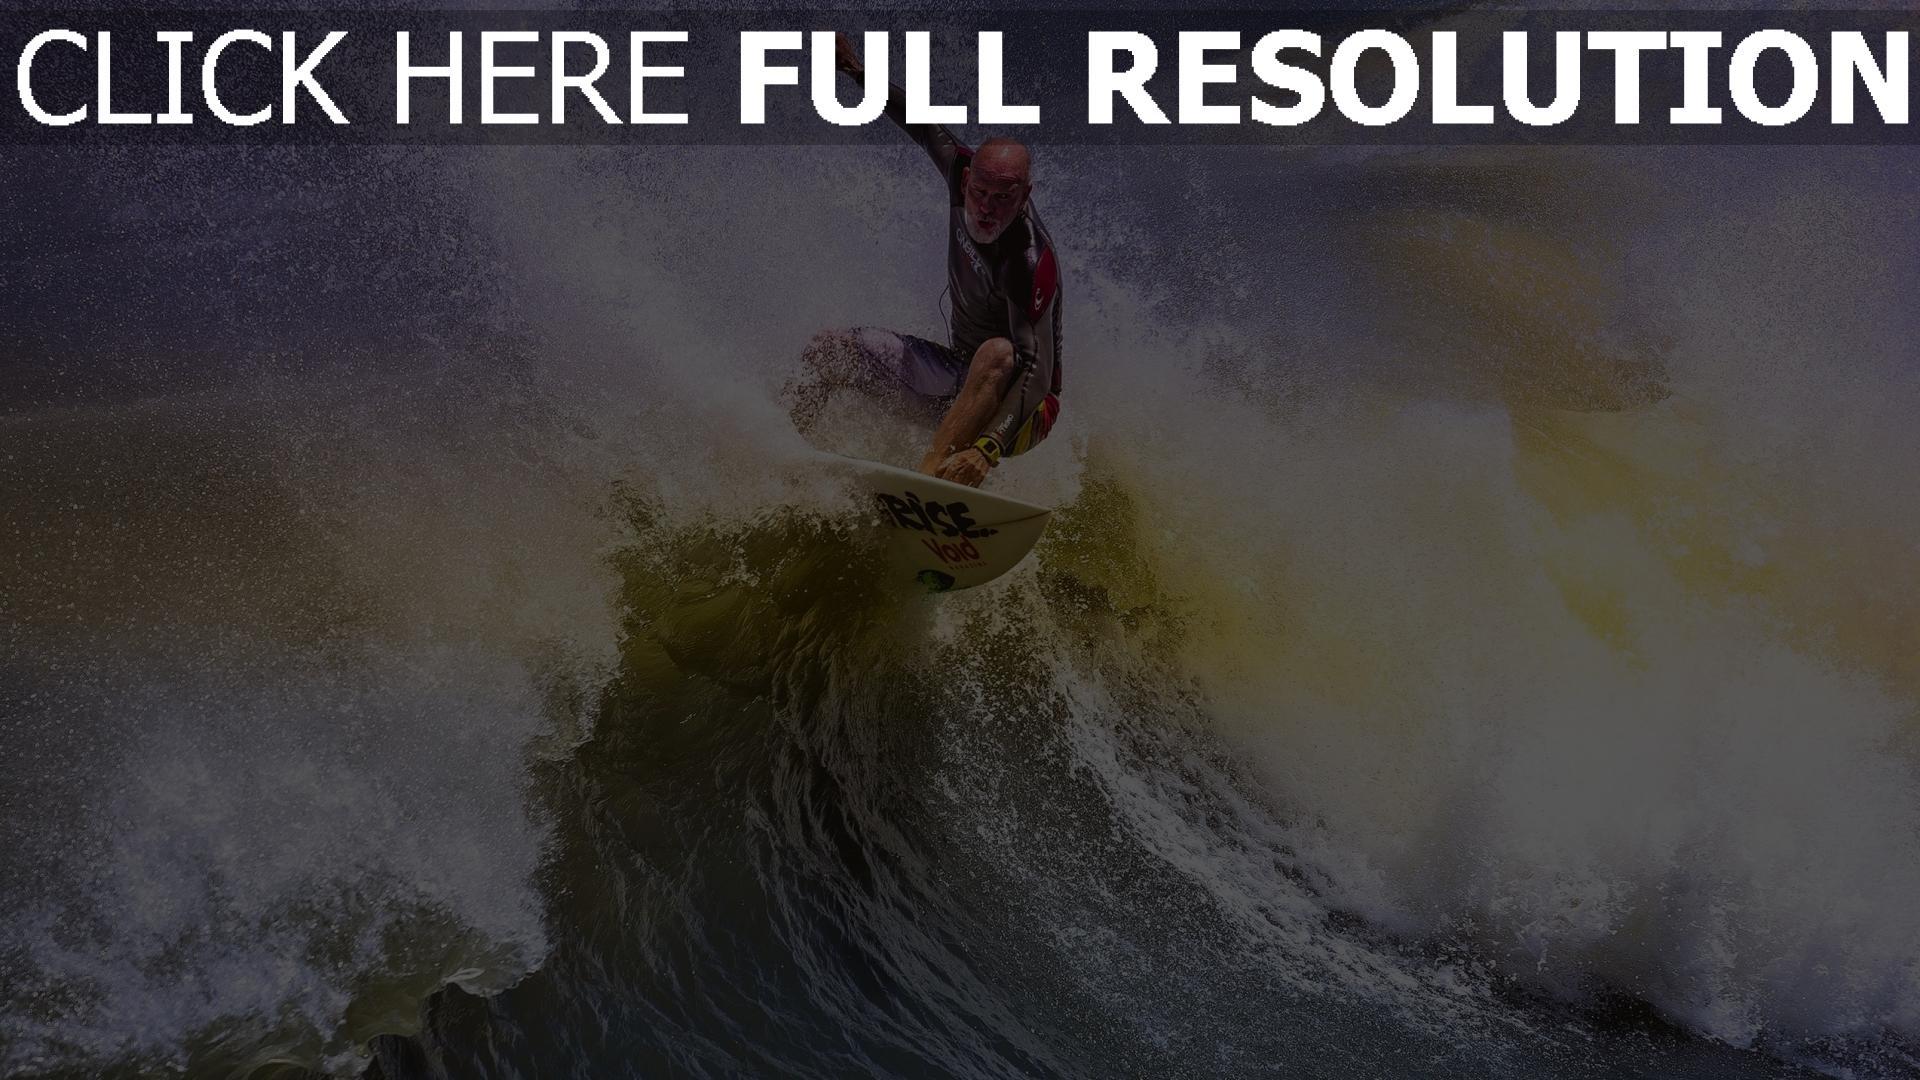 fond d'écran 1920x1080 surf vague éclaboussure chauve athlète